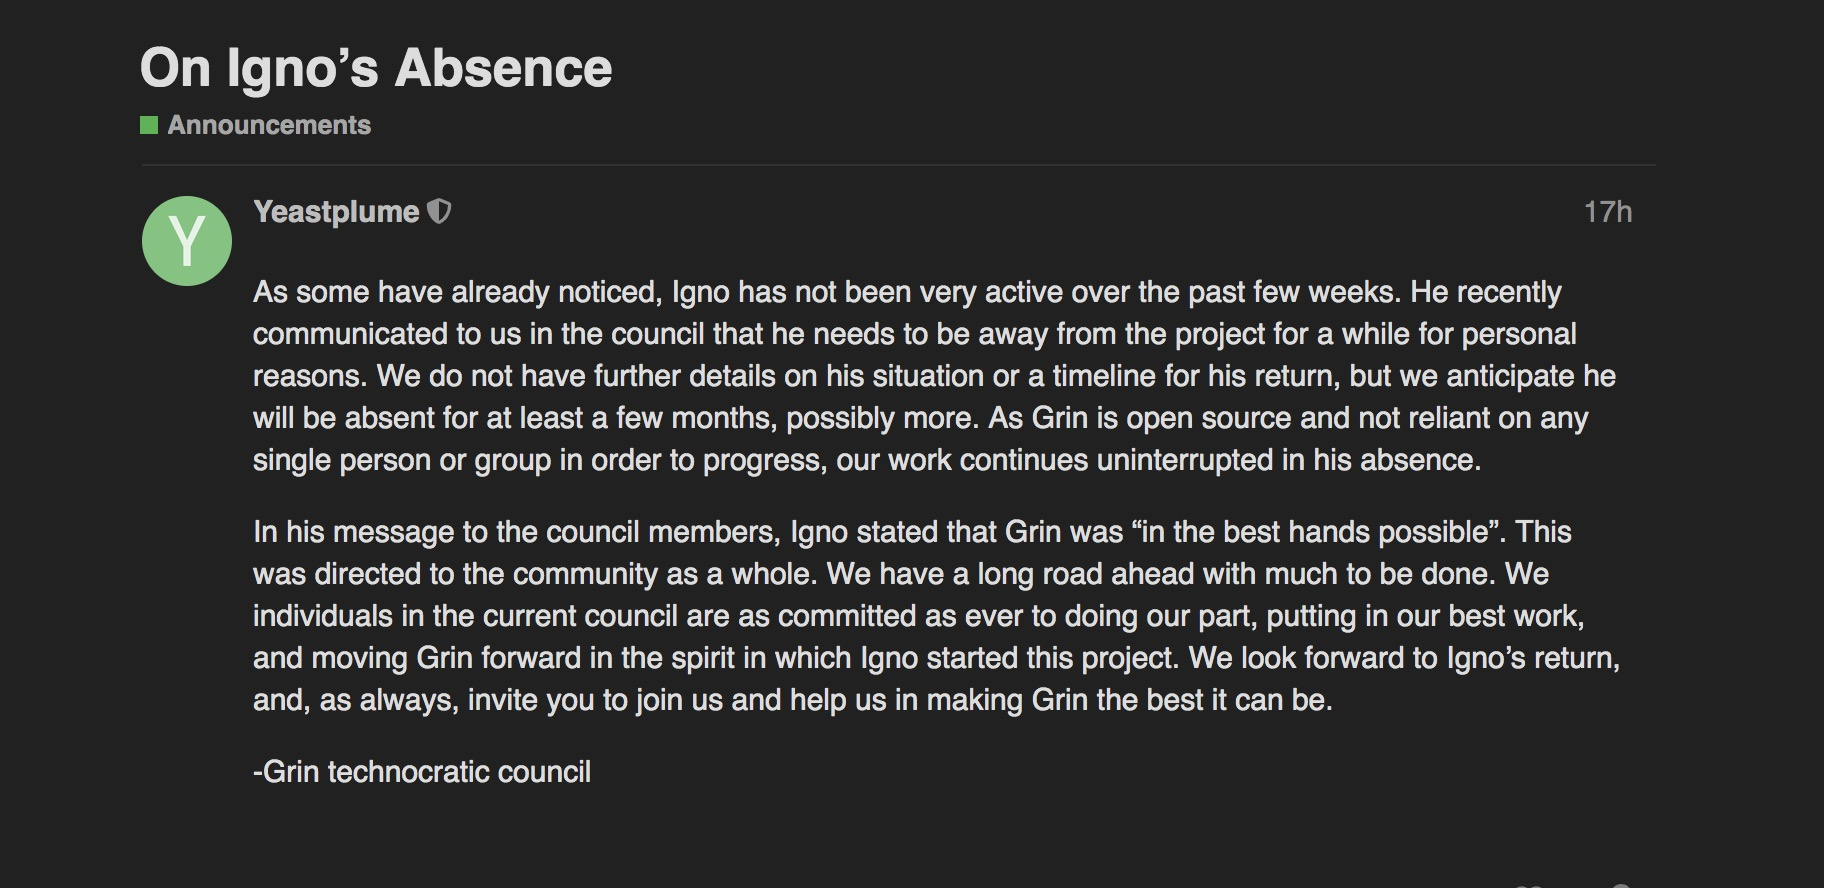 像中本聪一样消失,Grin创始人宣布暂时离开该项目